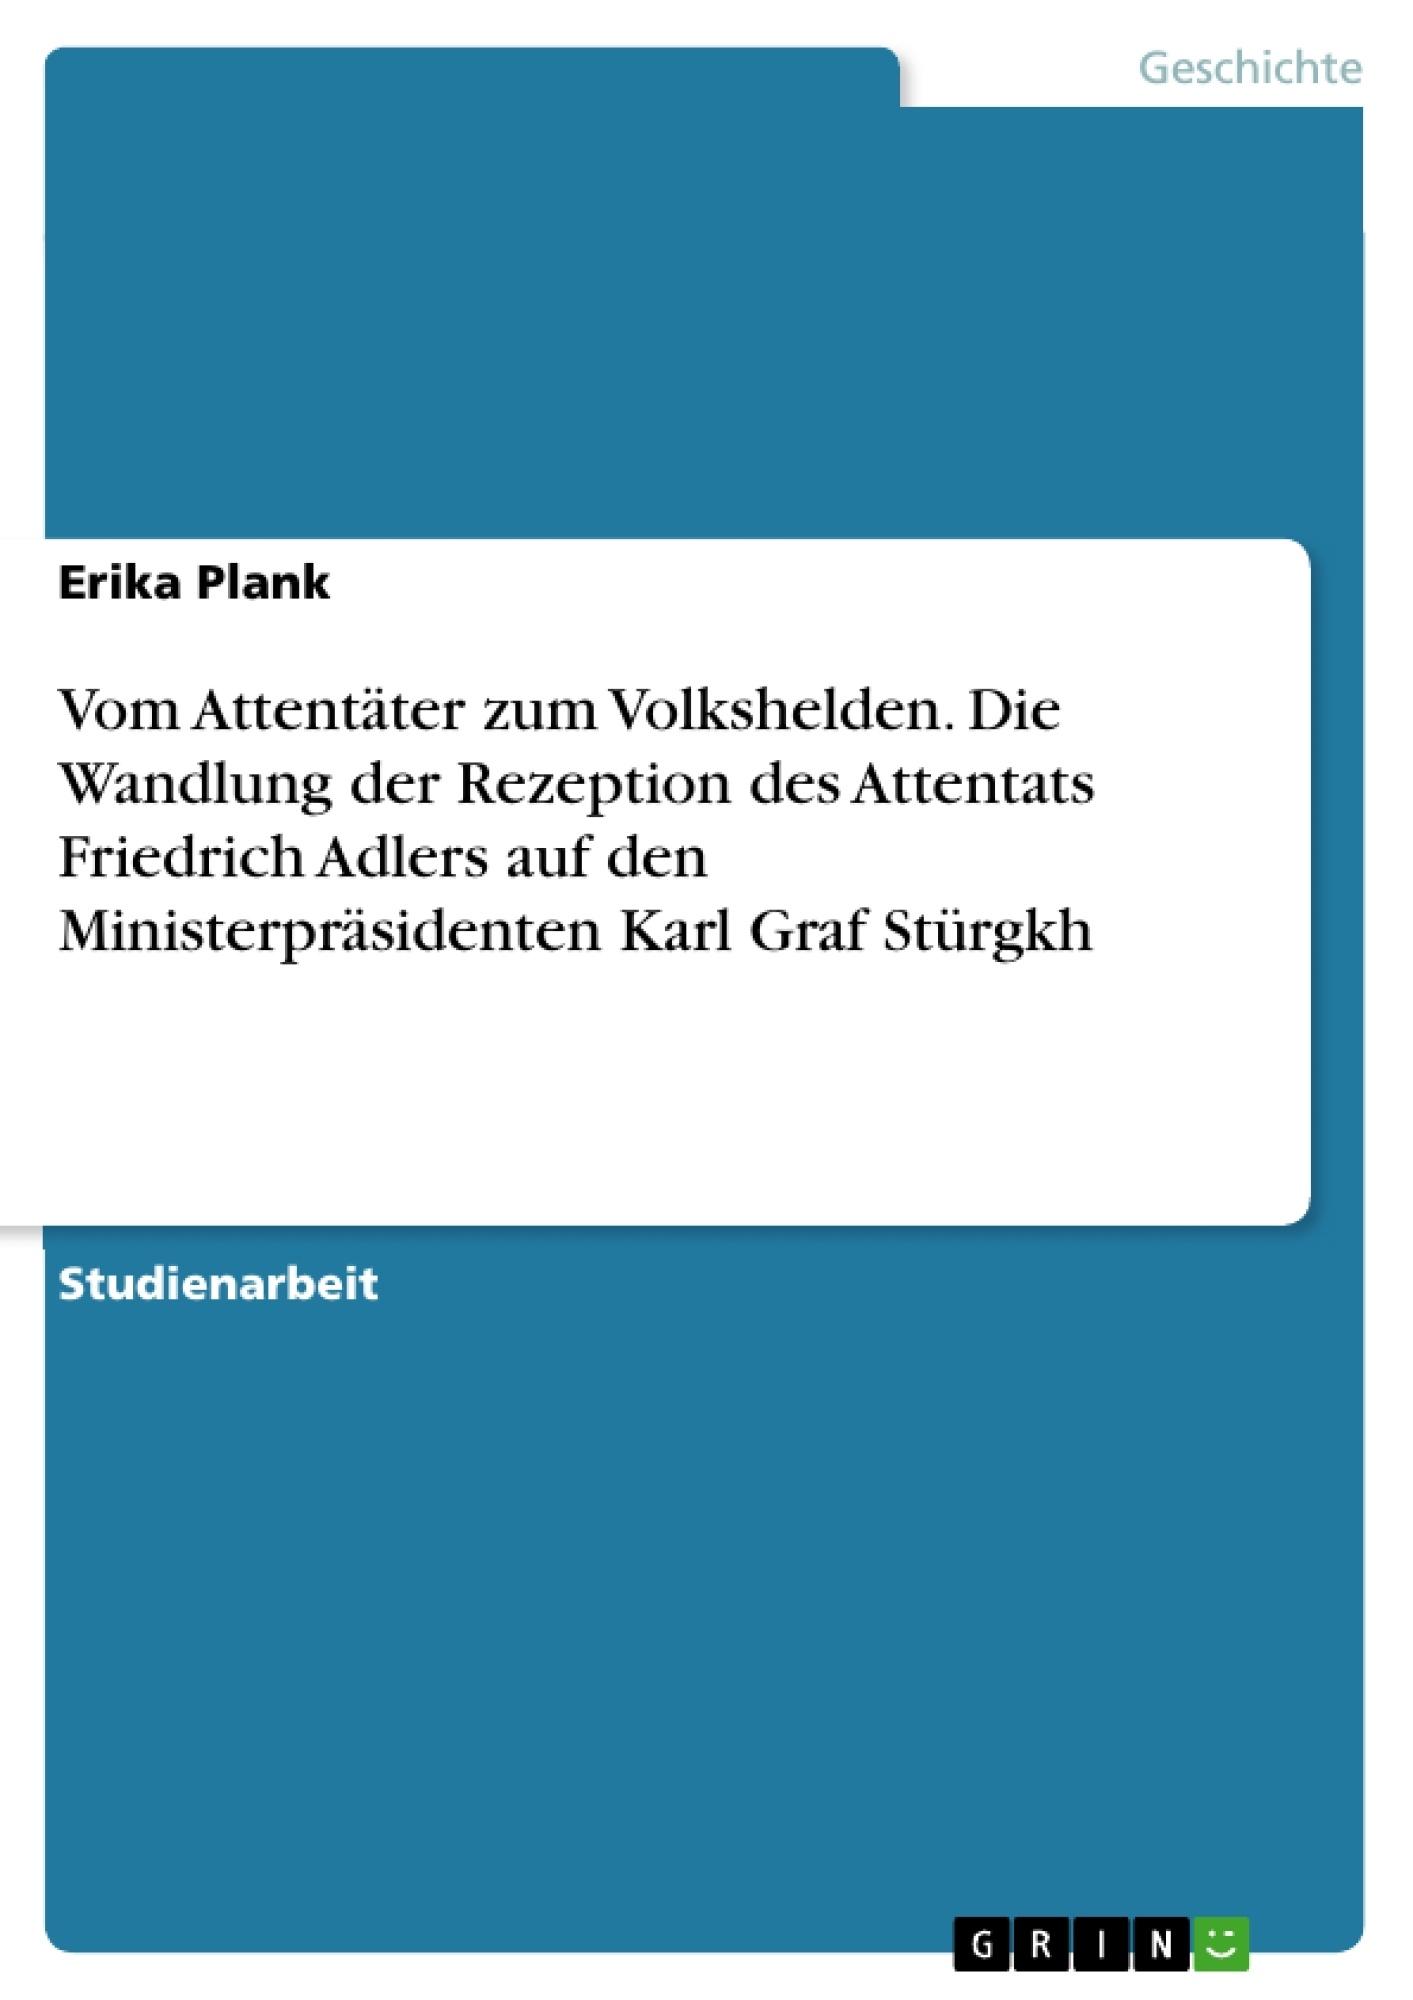 Titel: Vom Attentäter zum Volkshelden. Die Wandlung der Rezeption des Attentats Friedrich Adlers auf den Ministerpräsidenten Karl Graf Stürgkh